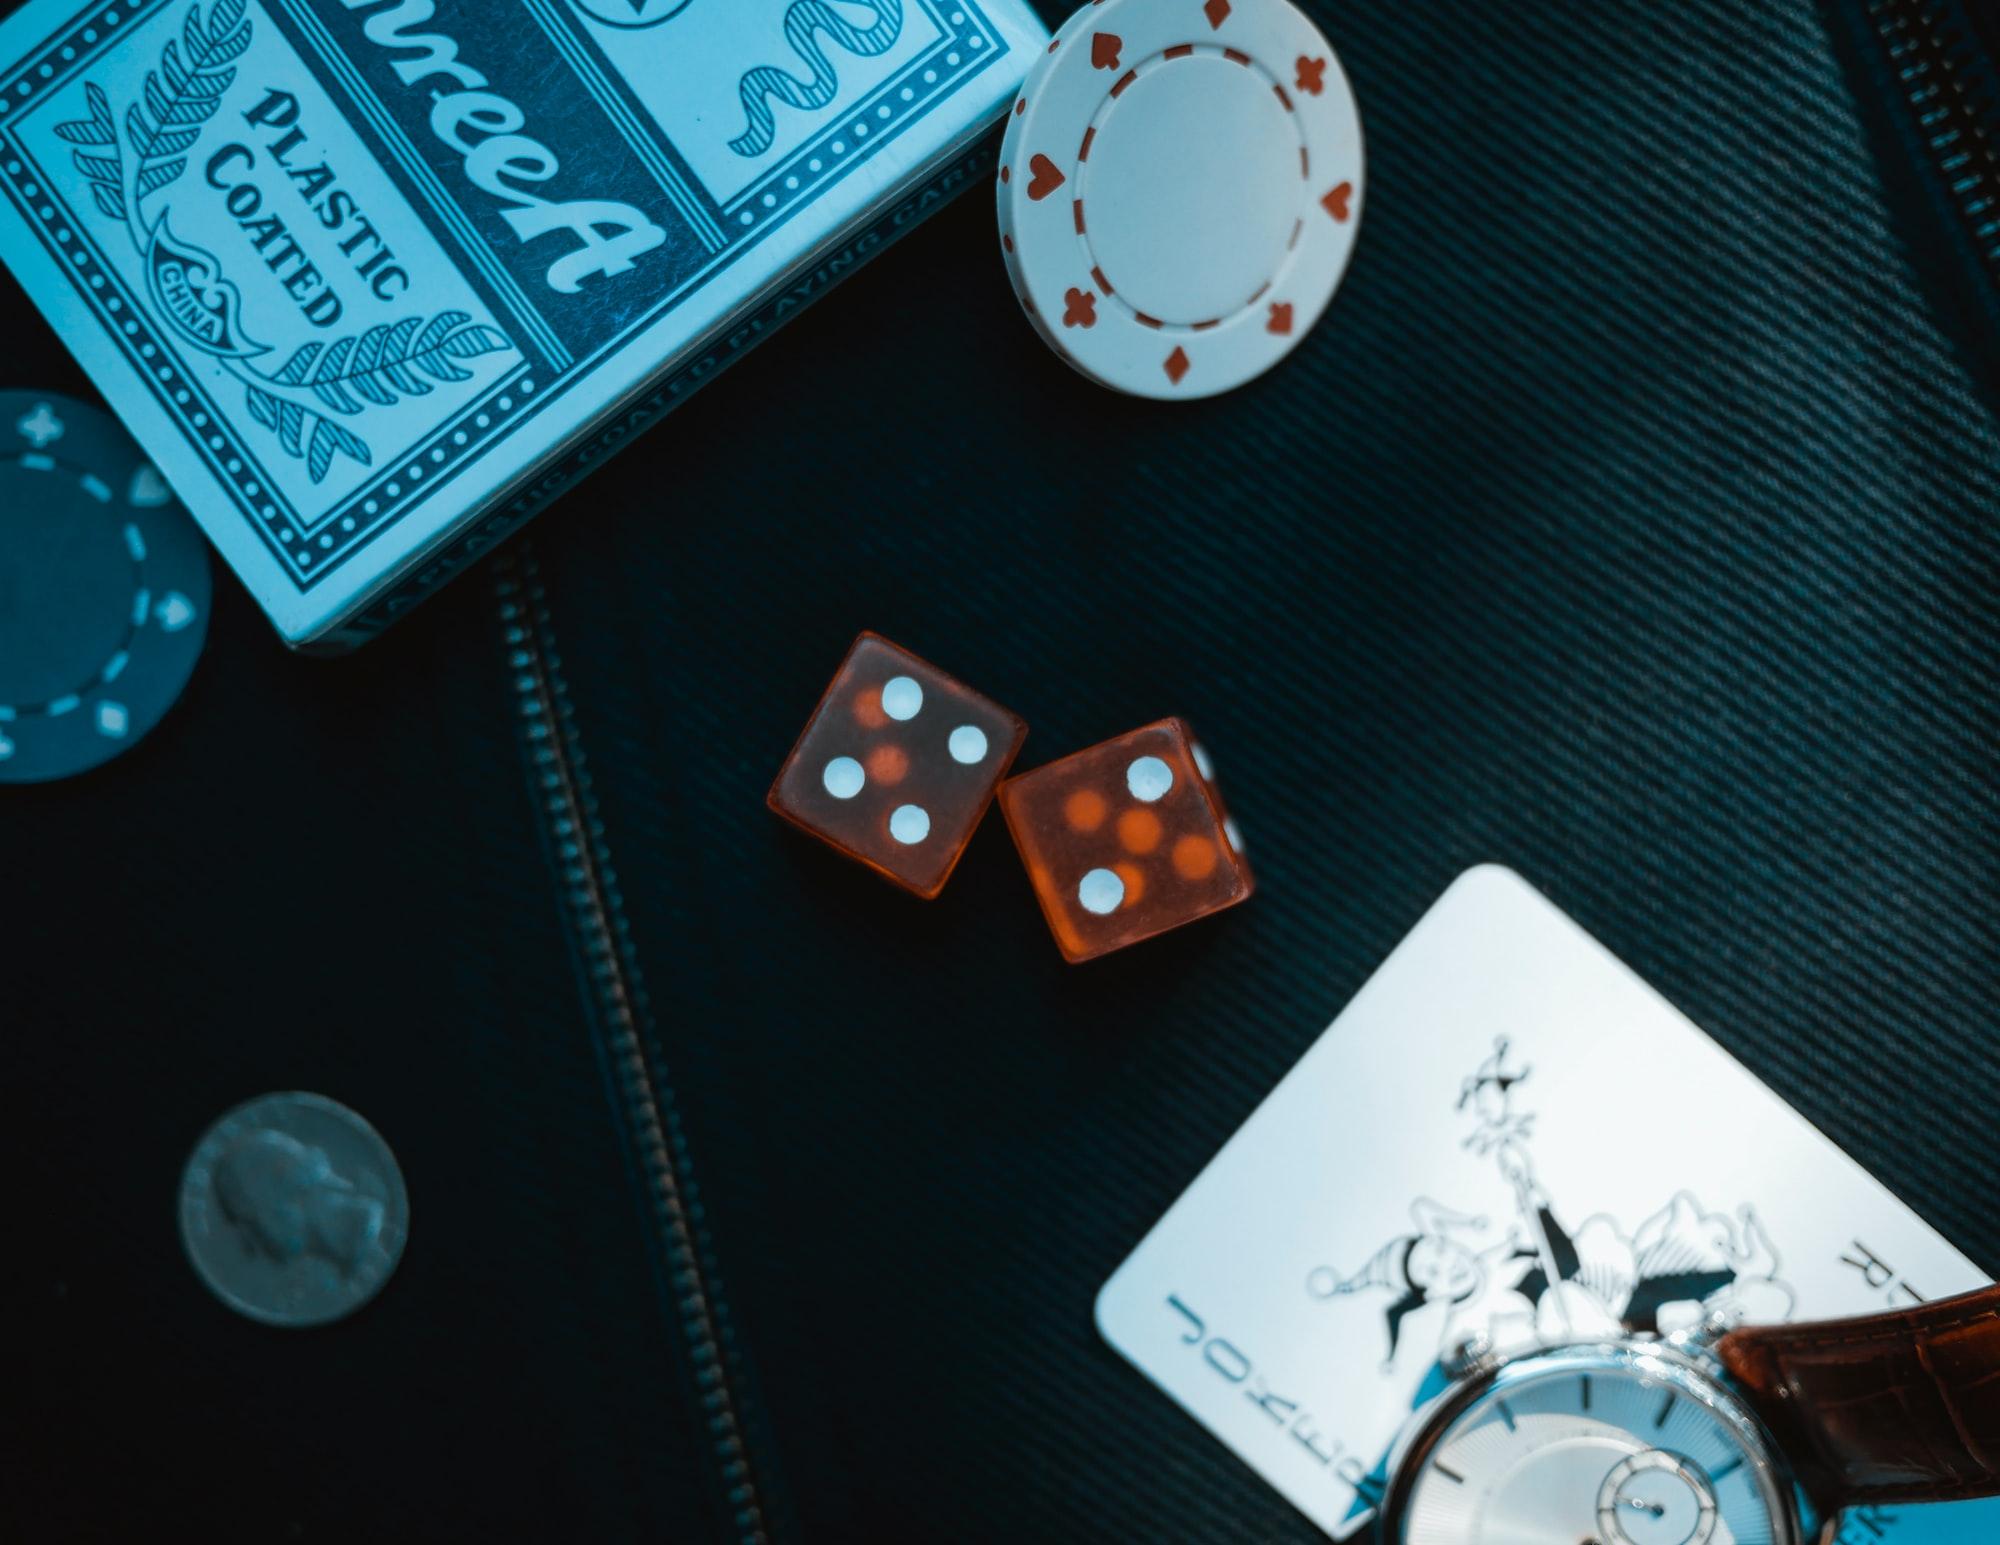 Estrazioni Lotto, Superenalotto e 10eLotto 16/02/21: i numeri vincenti